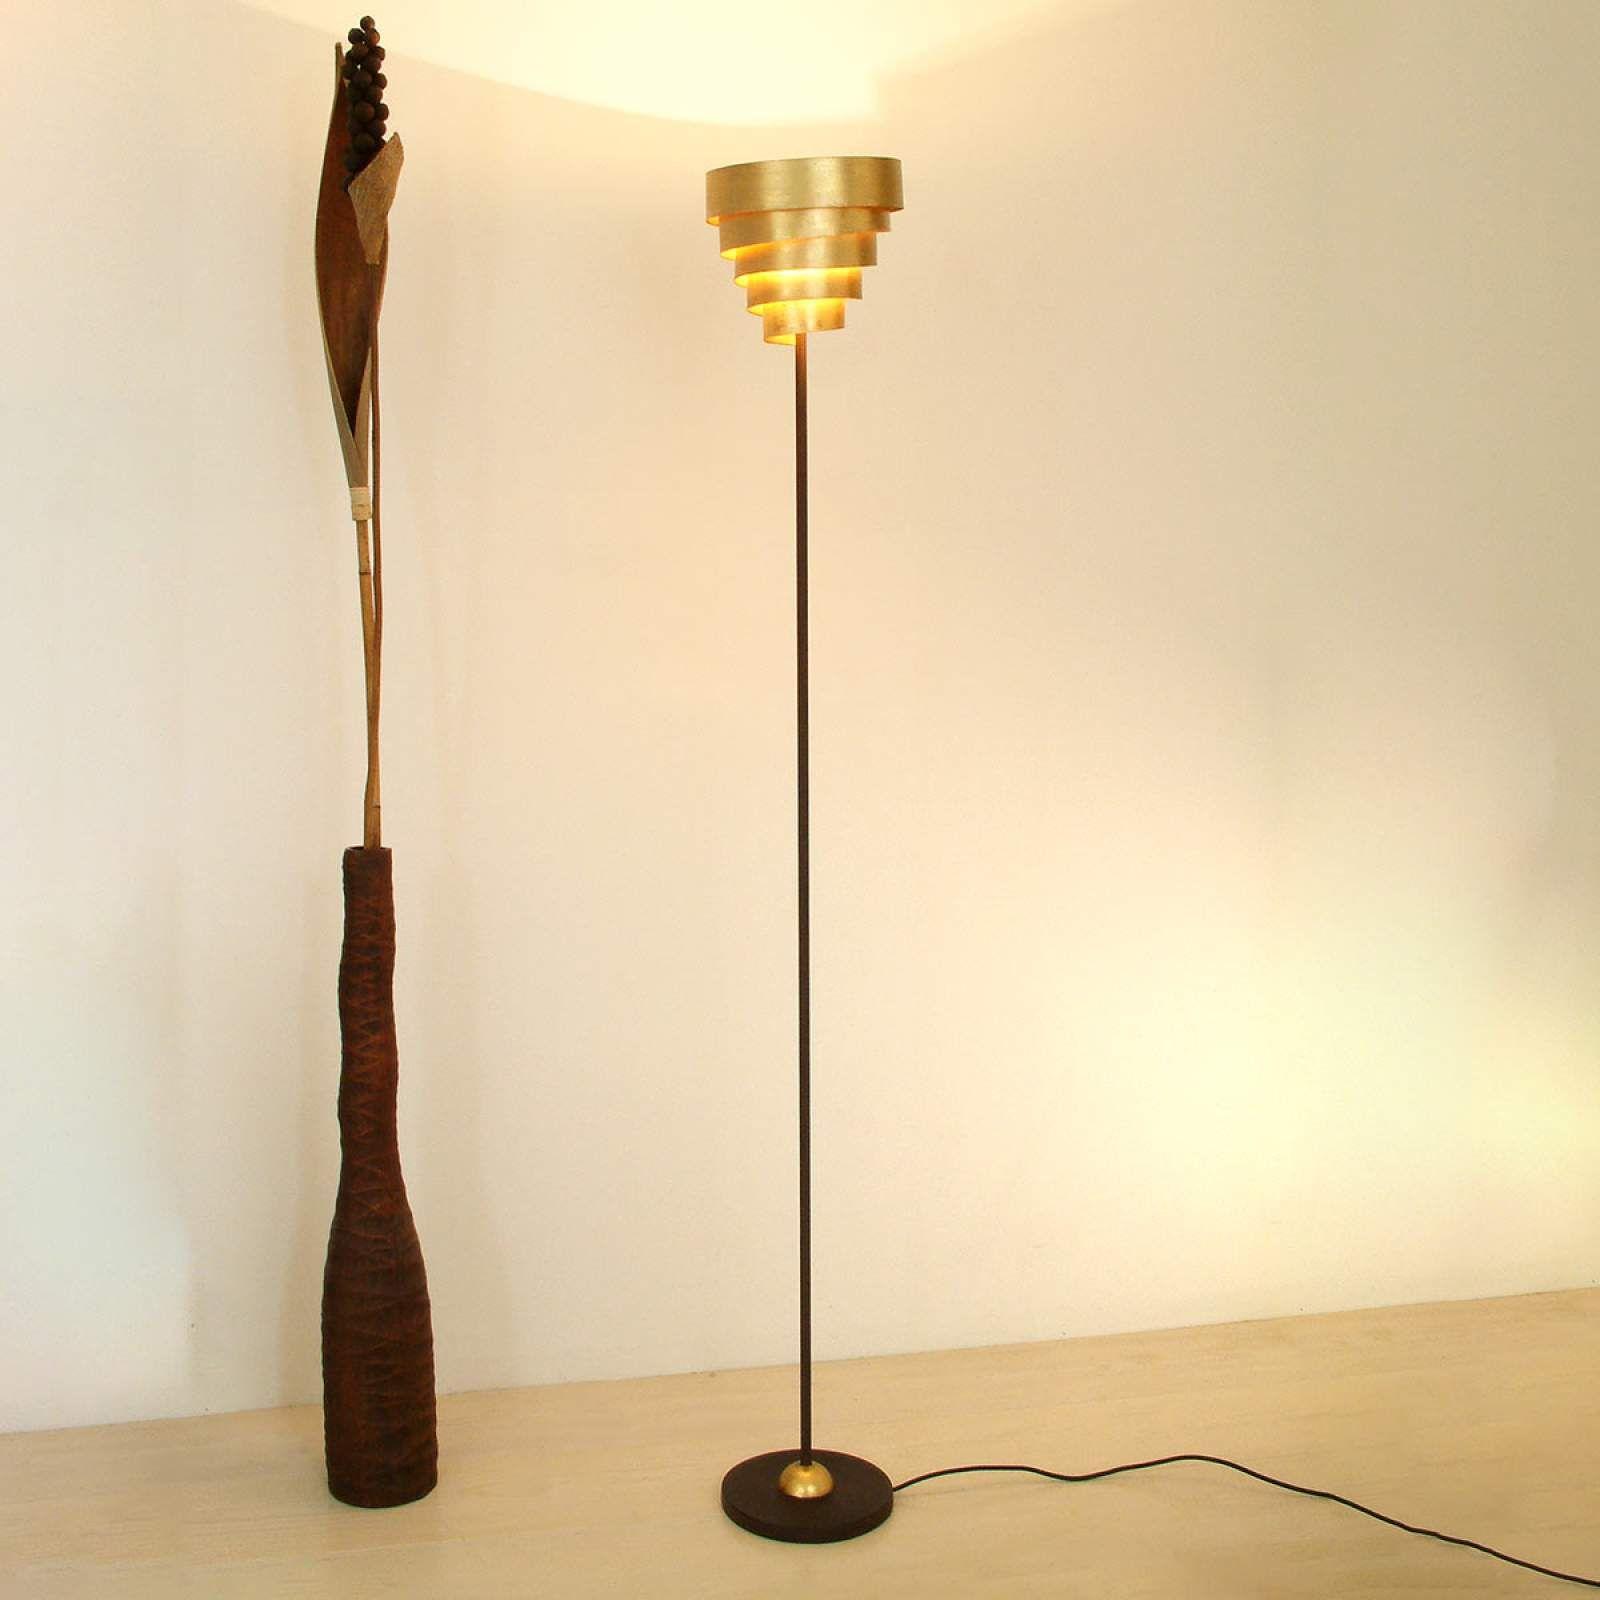 Moderne Stehlampe Banderole Von J Hollander Gold Lampen Led